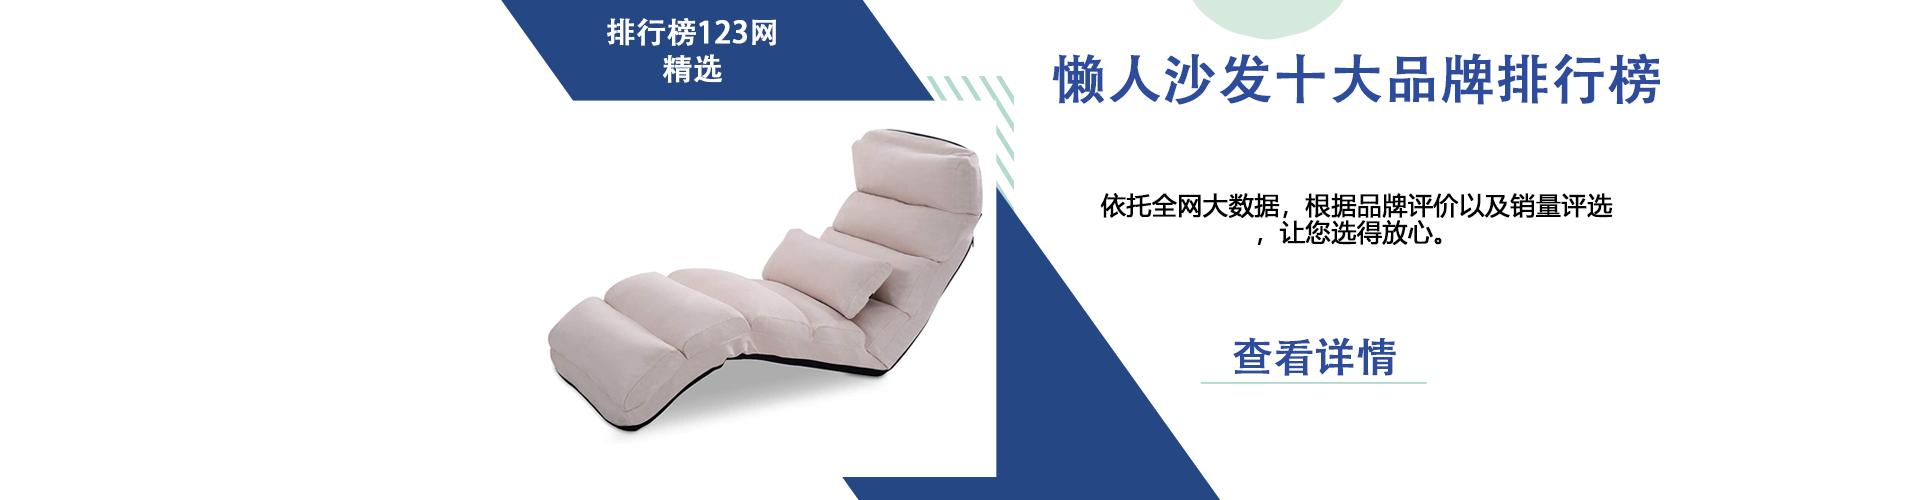 懒人沙发十大品牌排行榜